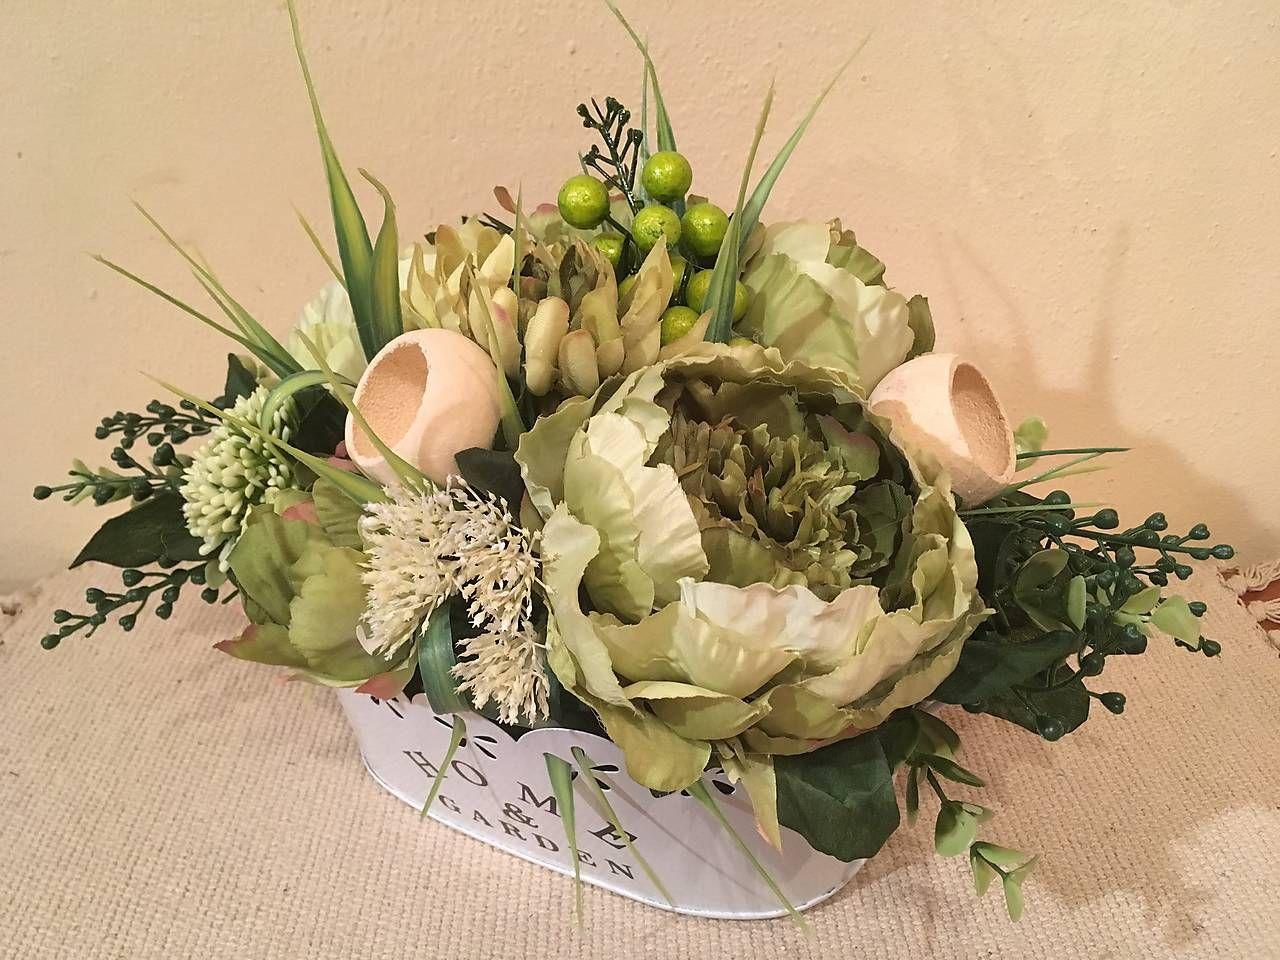 f841e86c0 Výsledek obrázku pro ikebana na hrob | podzim | Dekorace, Podzimní ...